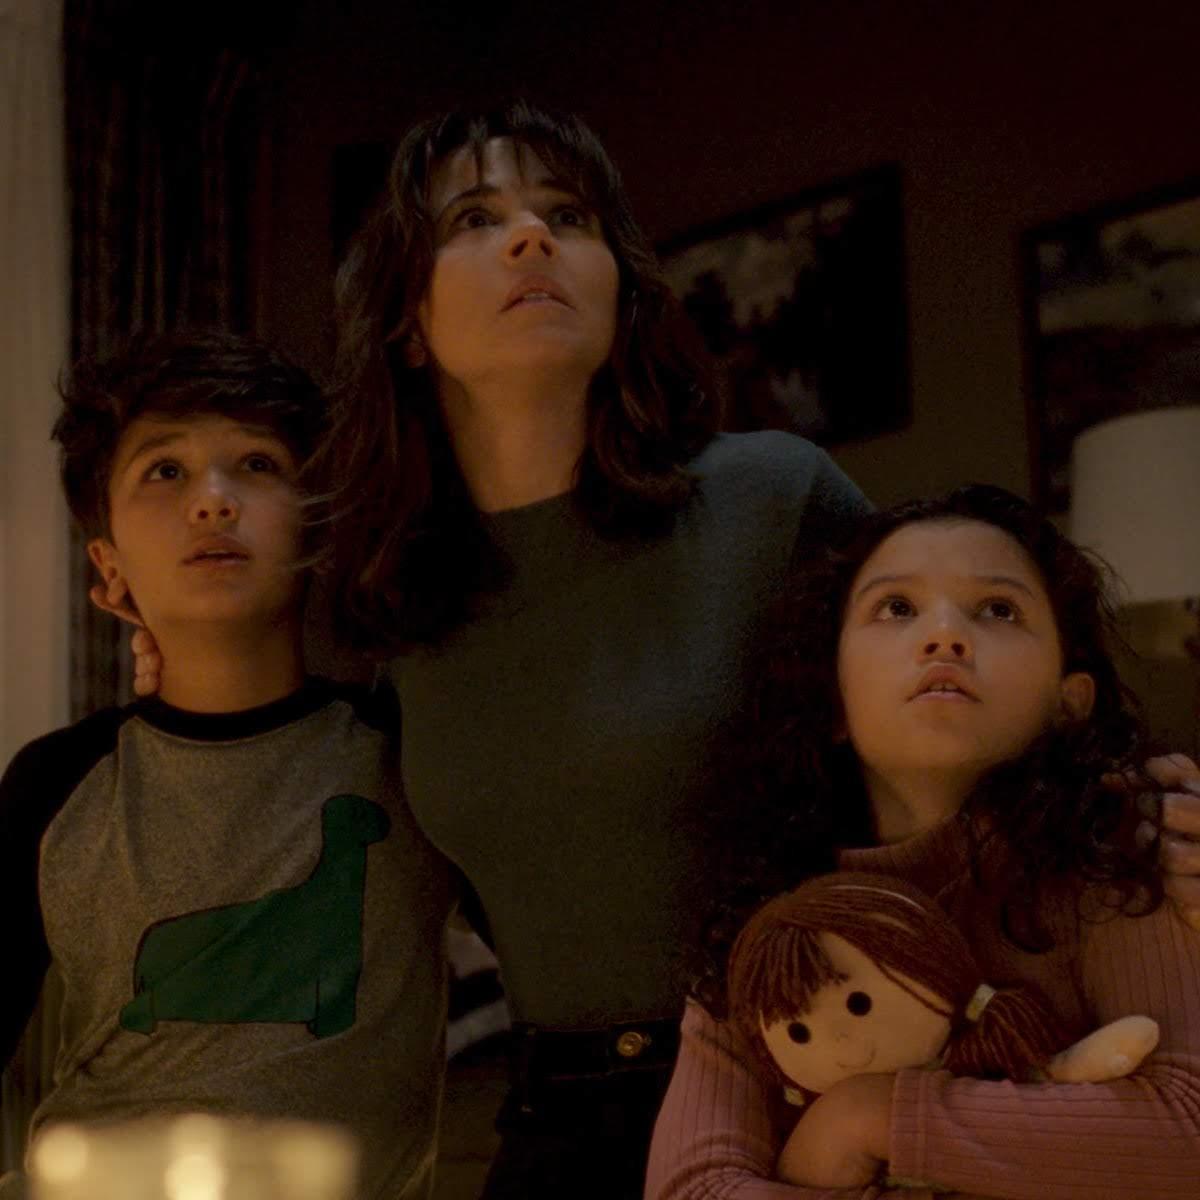 Box Office : 4月19日~21日の全米映画ボックスオフィスTOP5 - 全米が「エンドゲーム」待ちに入ったことで、16年ぶりの不入りのイースターの週末に、「ザ・カース・オブ・ラ・ヨローナ」が、ザ・カンジュアリング系のホラー映画としては、最低の封切り成績ながら、期待値を超えたヒットの第1位 ! !